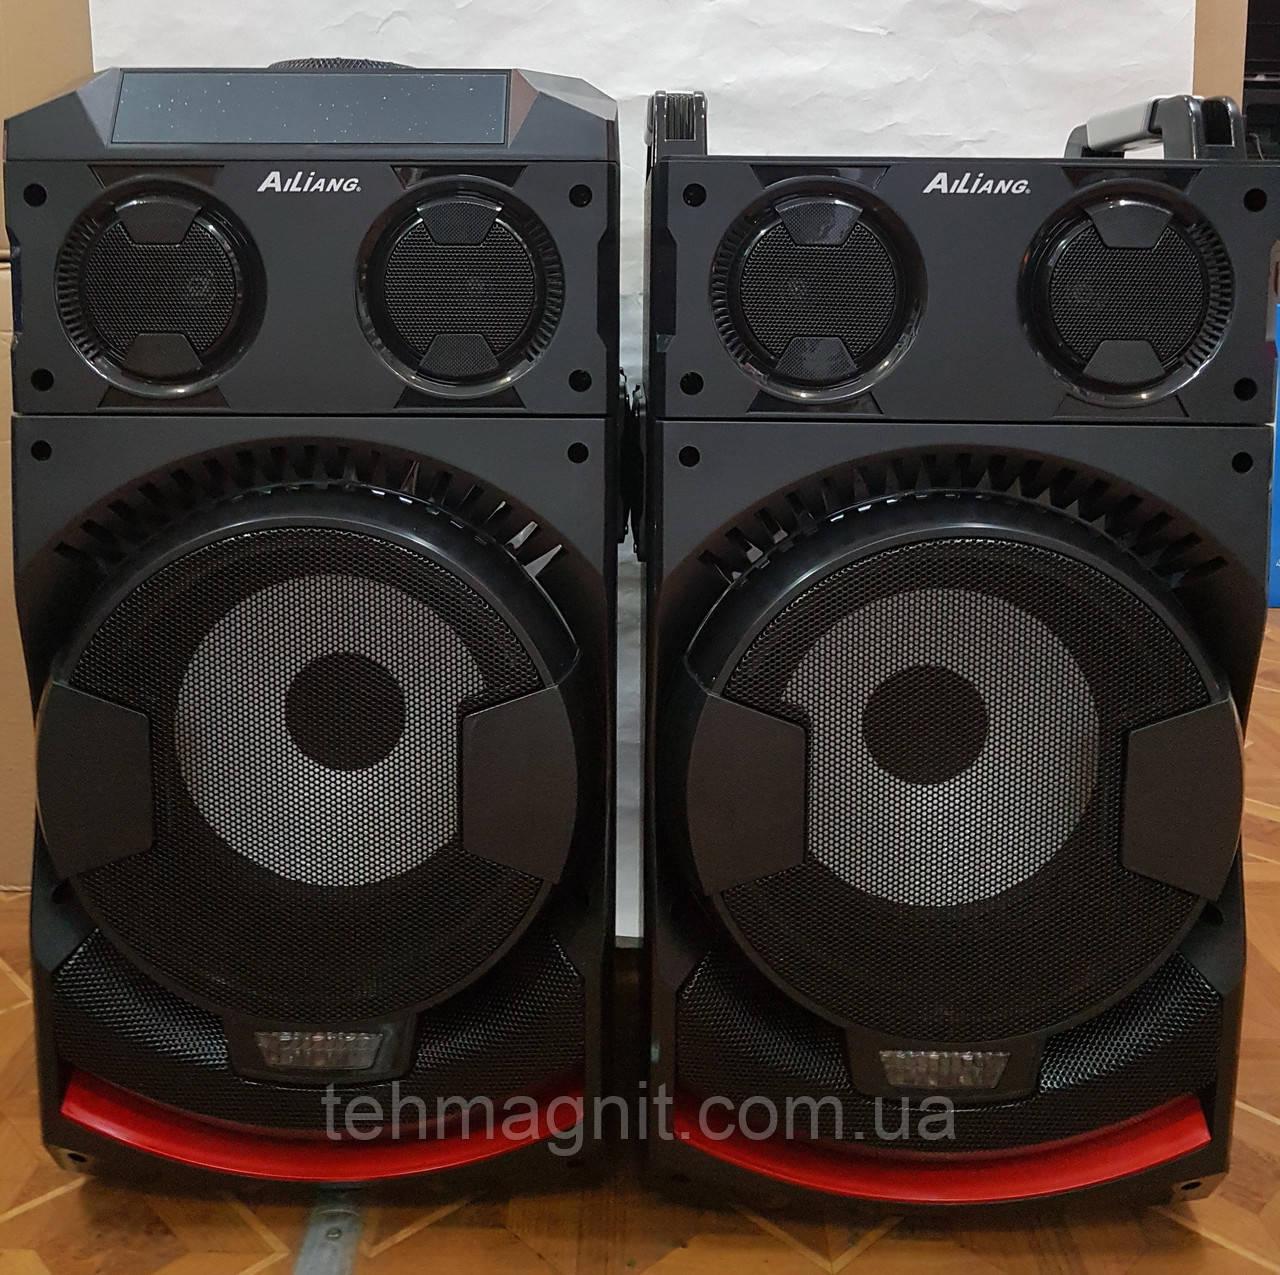 Активная акустическая система AILIANG UF-1021 DT/2.1, Bluetooth, Пульт ДУ ( Реплика )